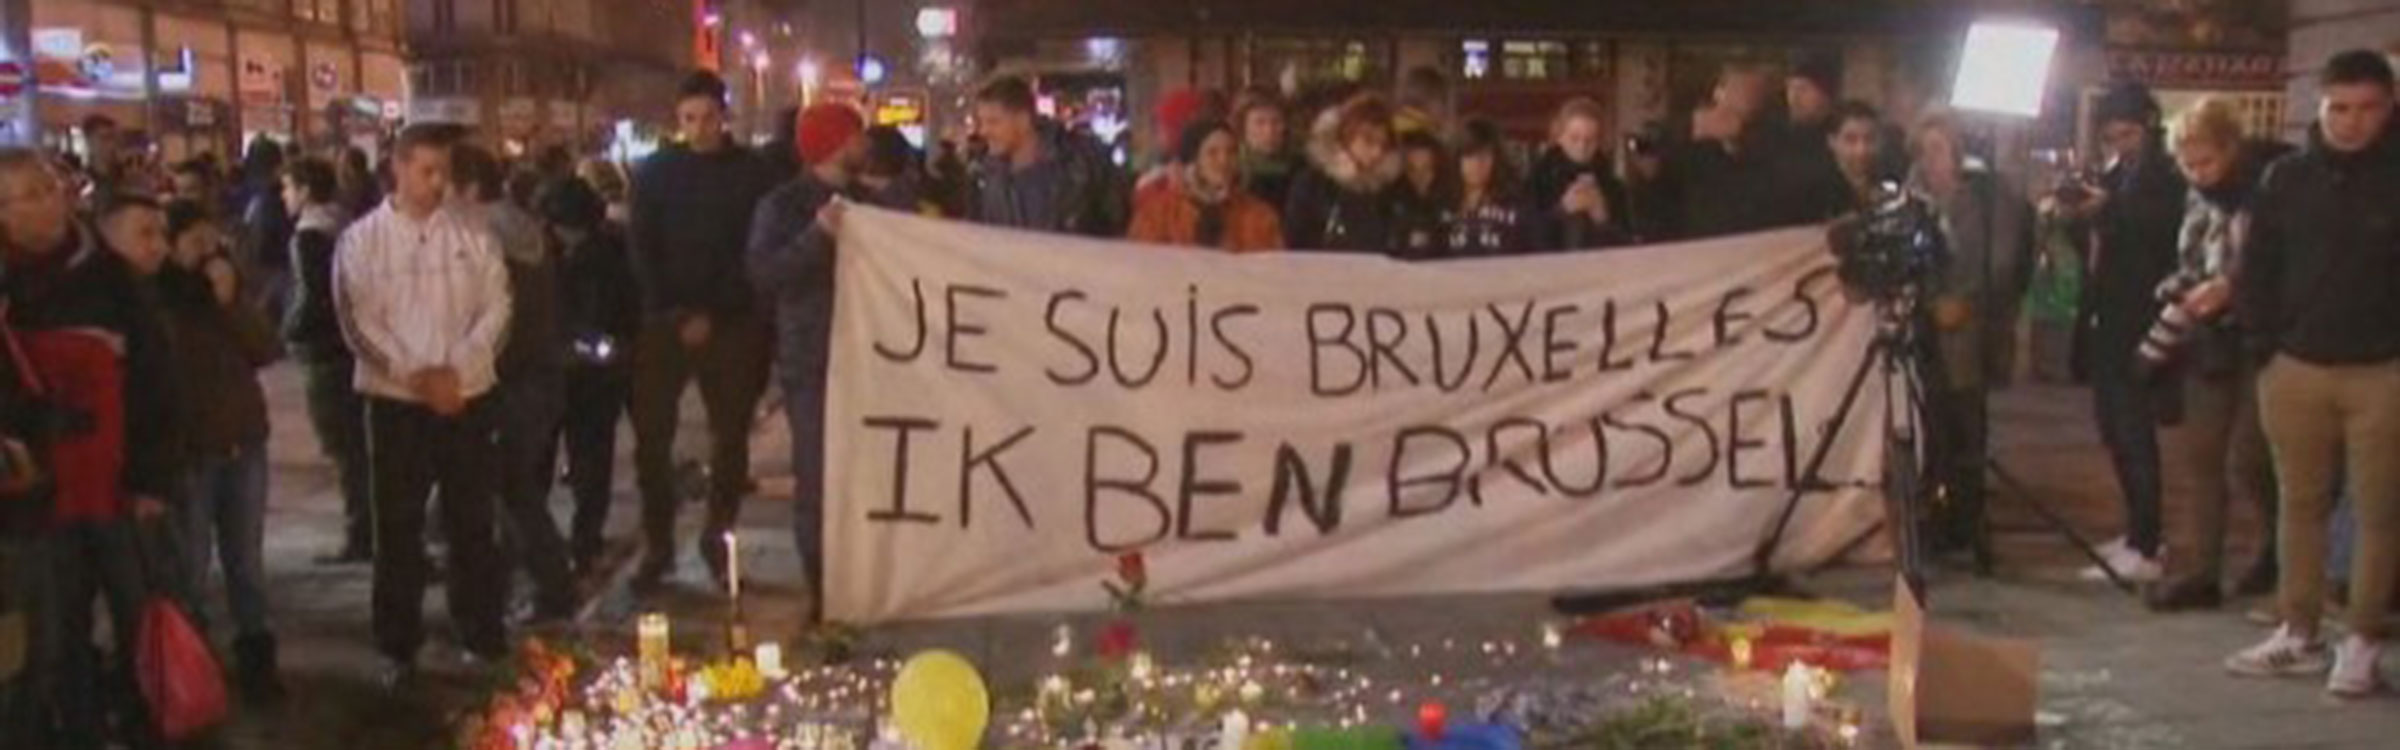 Brussel2 0